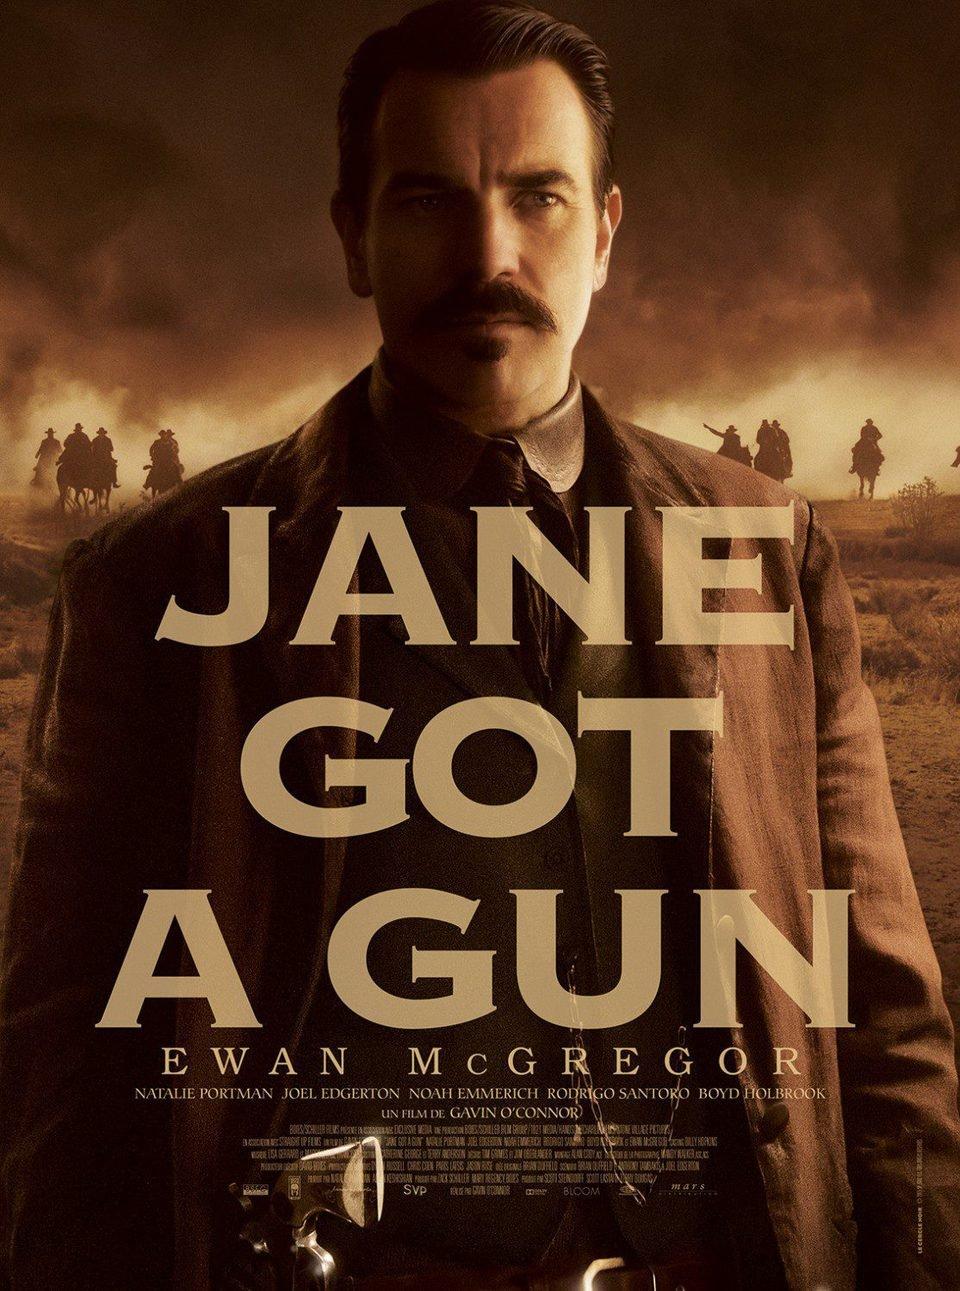 Cartel Ewan McGregor de 'La venganza de Jane'